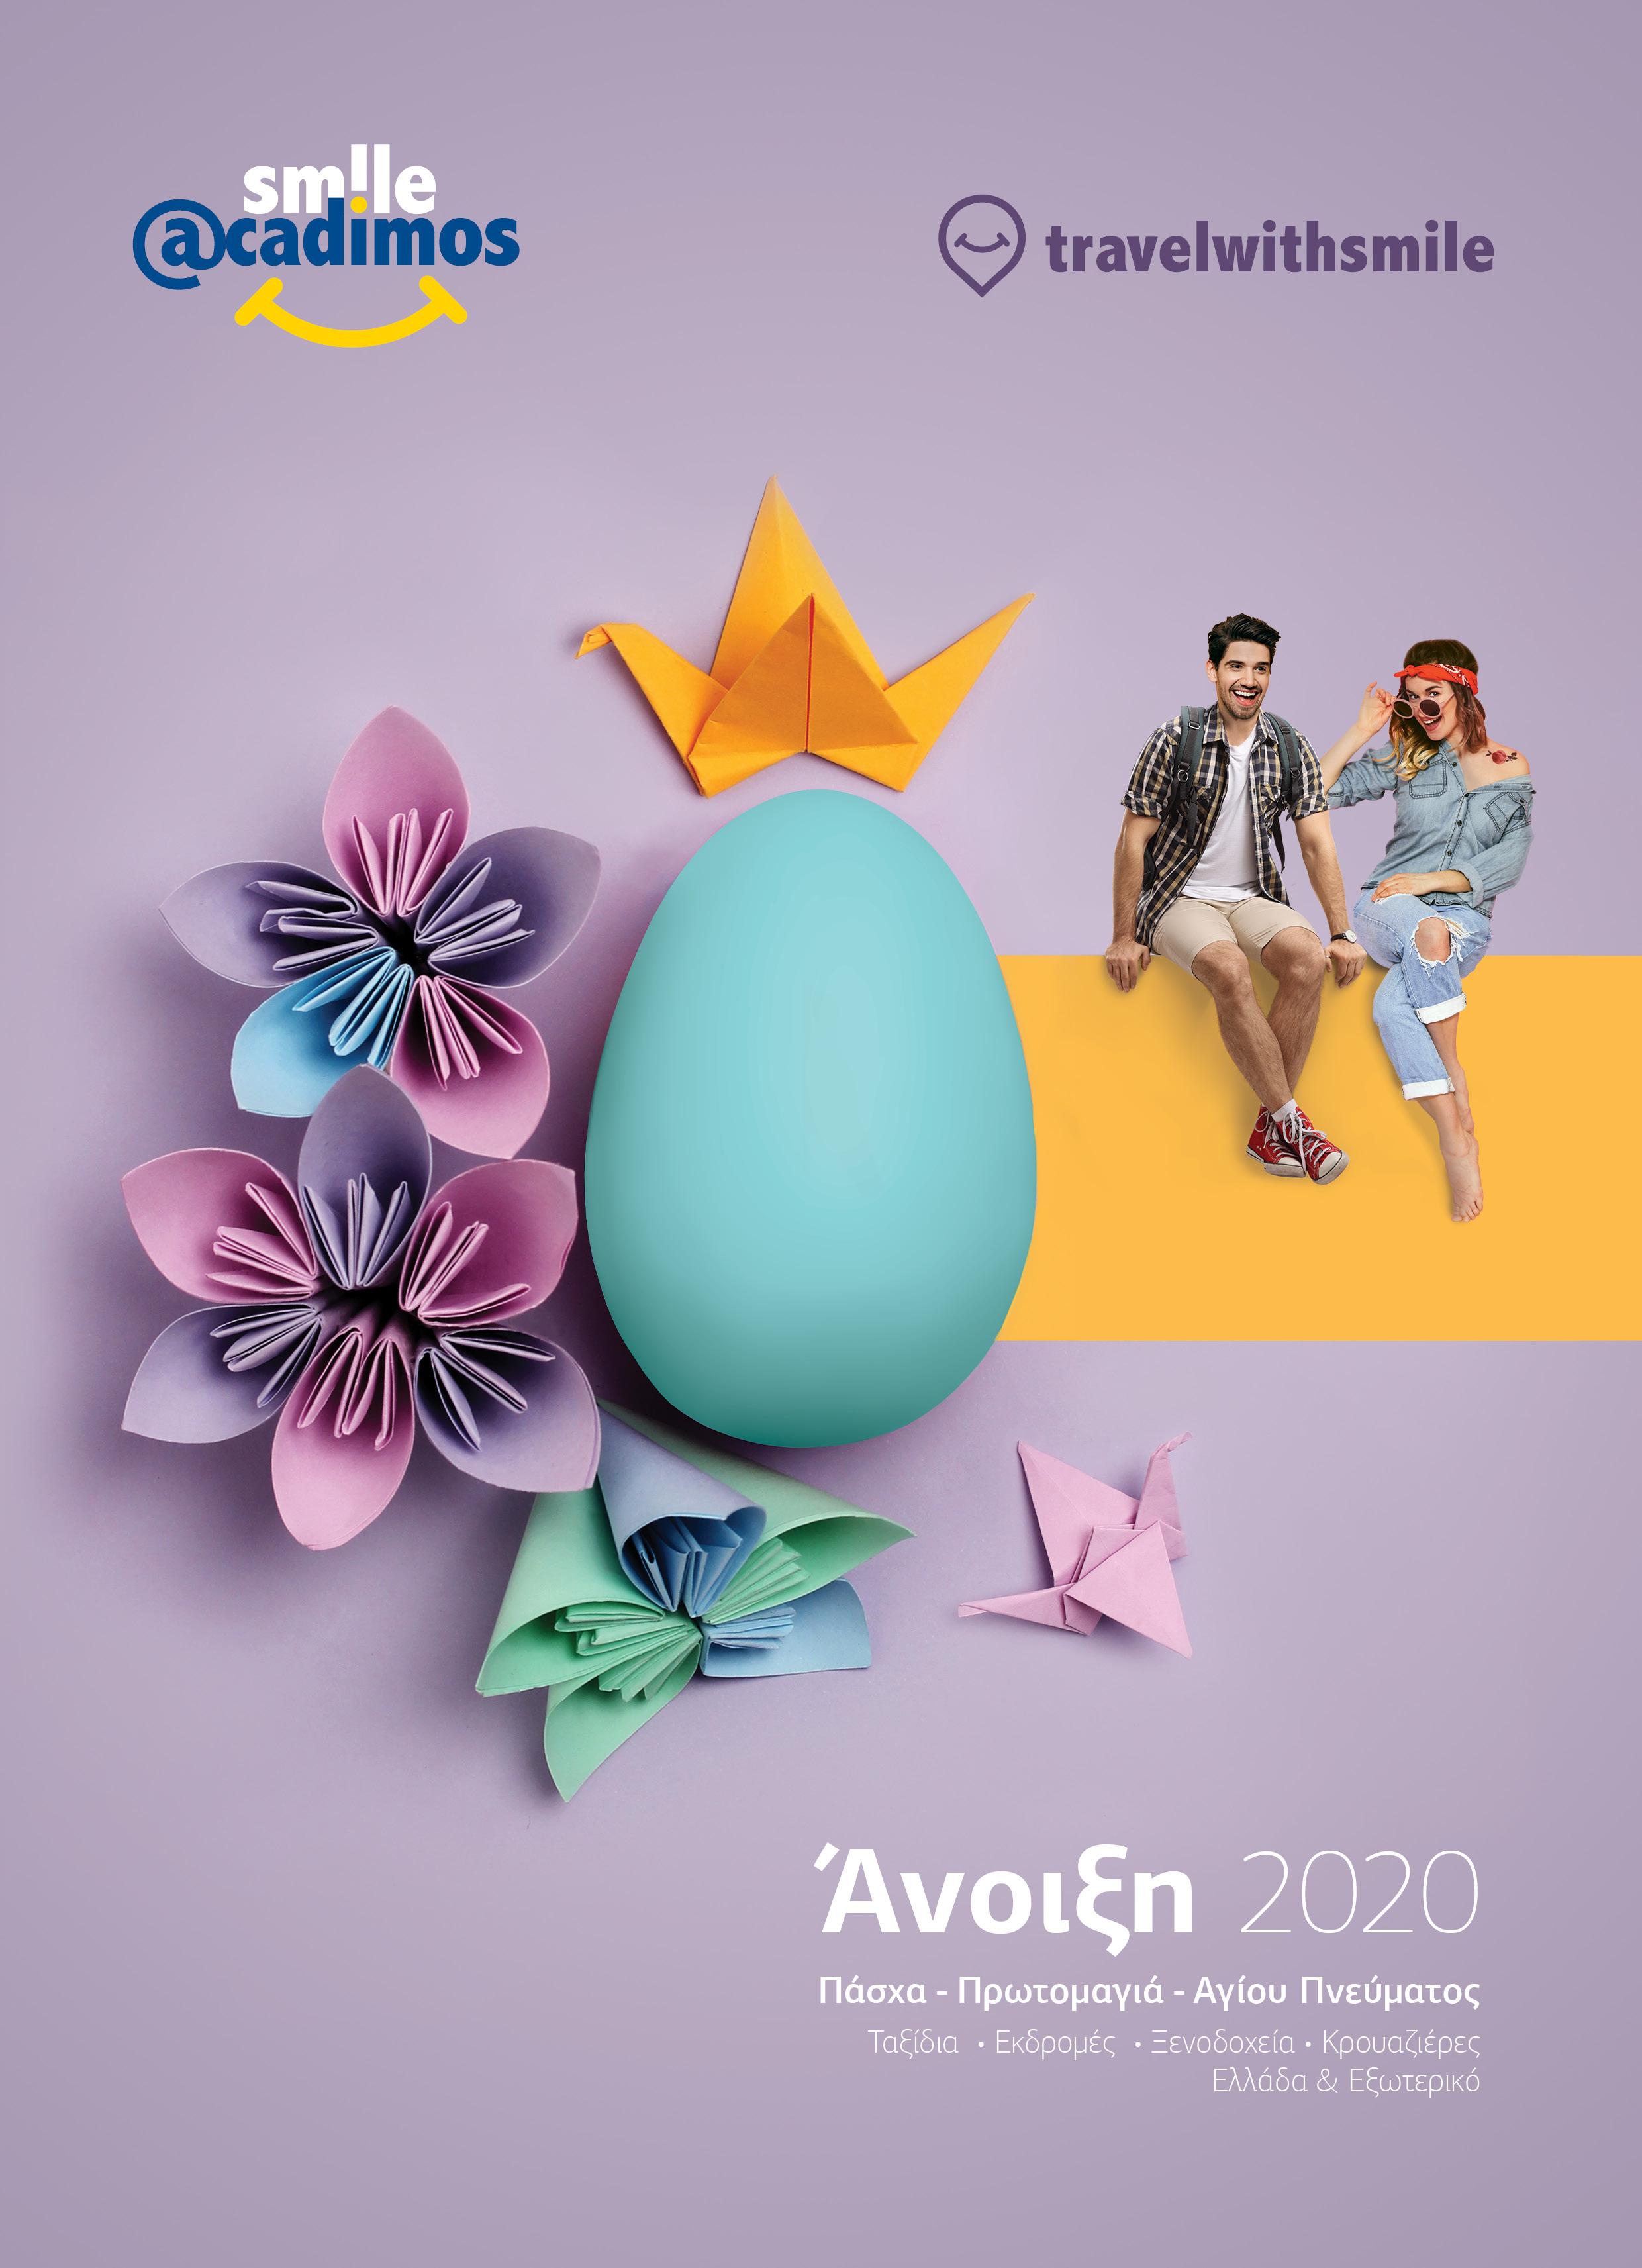 Άνοιξη & Πάσχα 2020 - Smile Acadimos